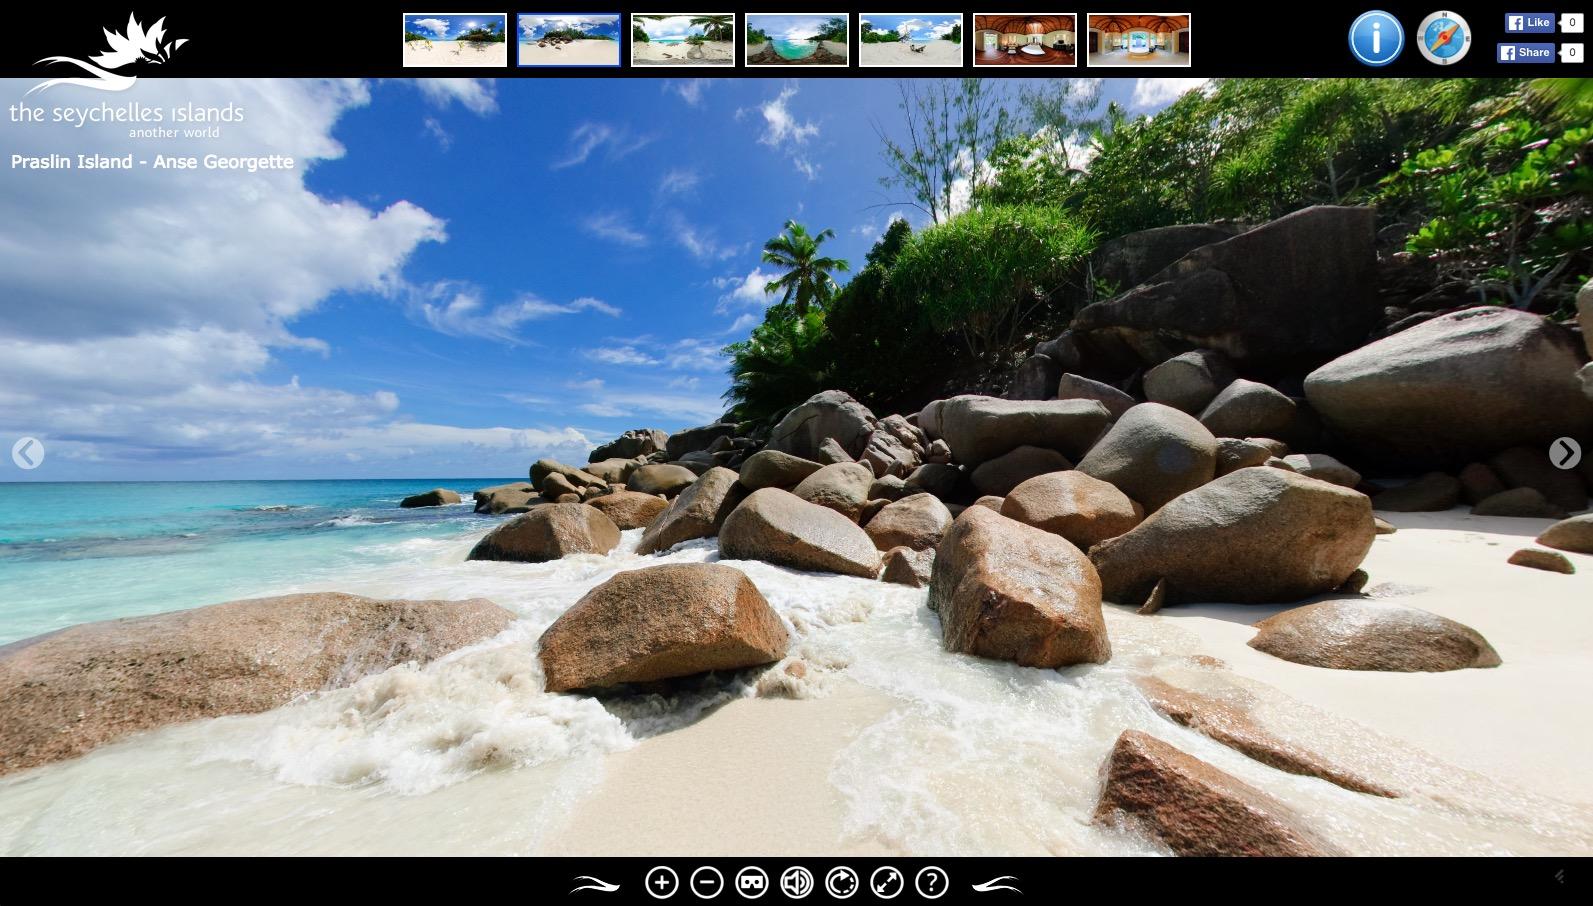 La visite virtuelle des iles seychelles